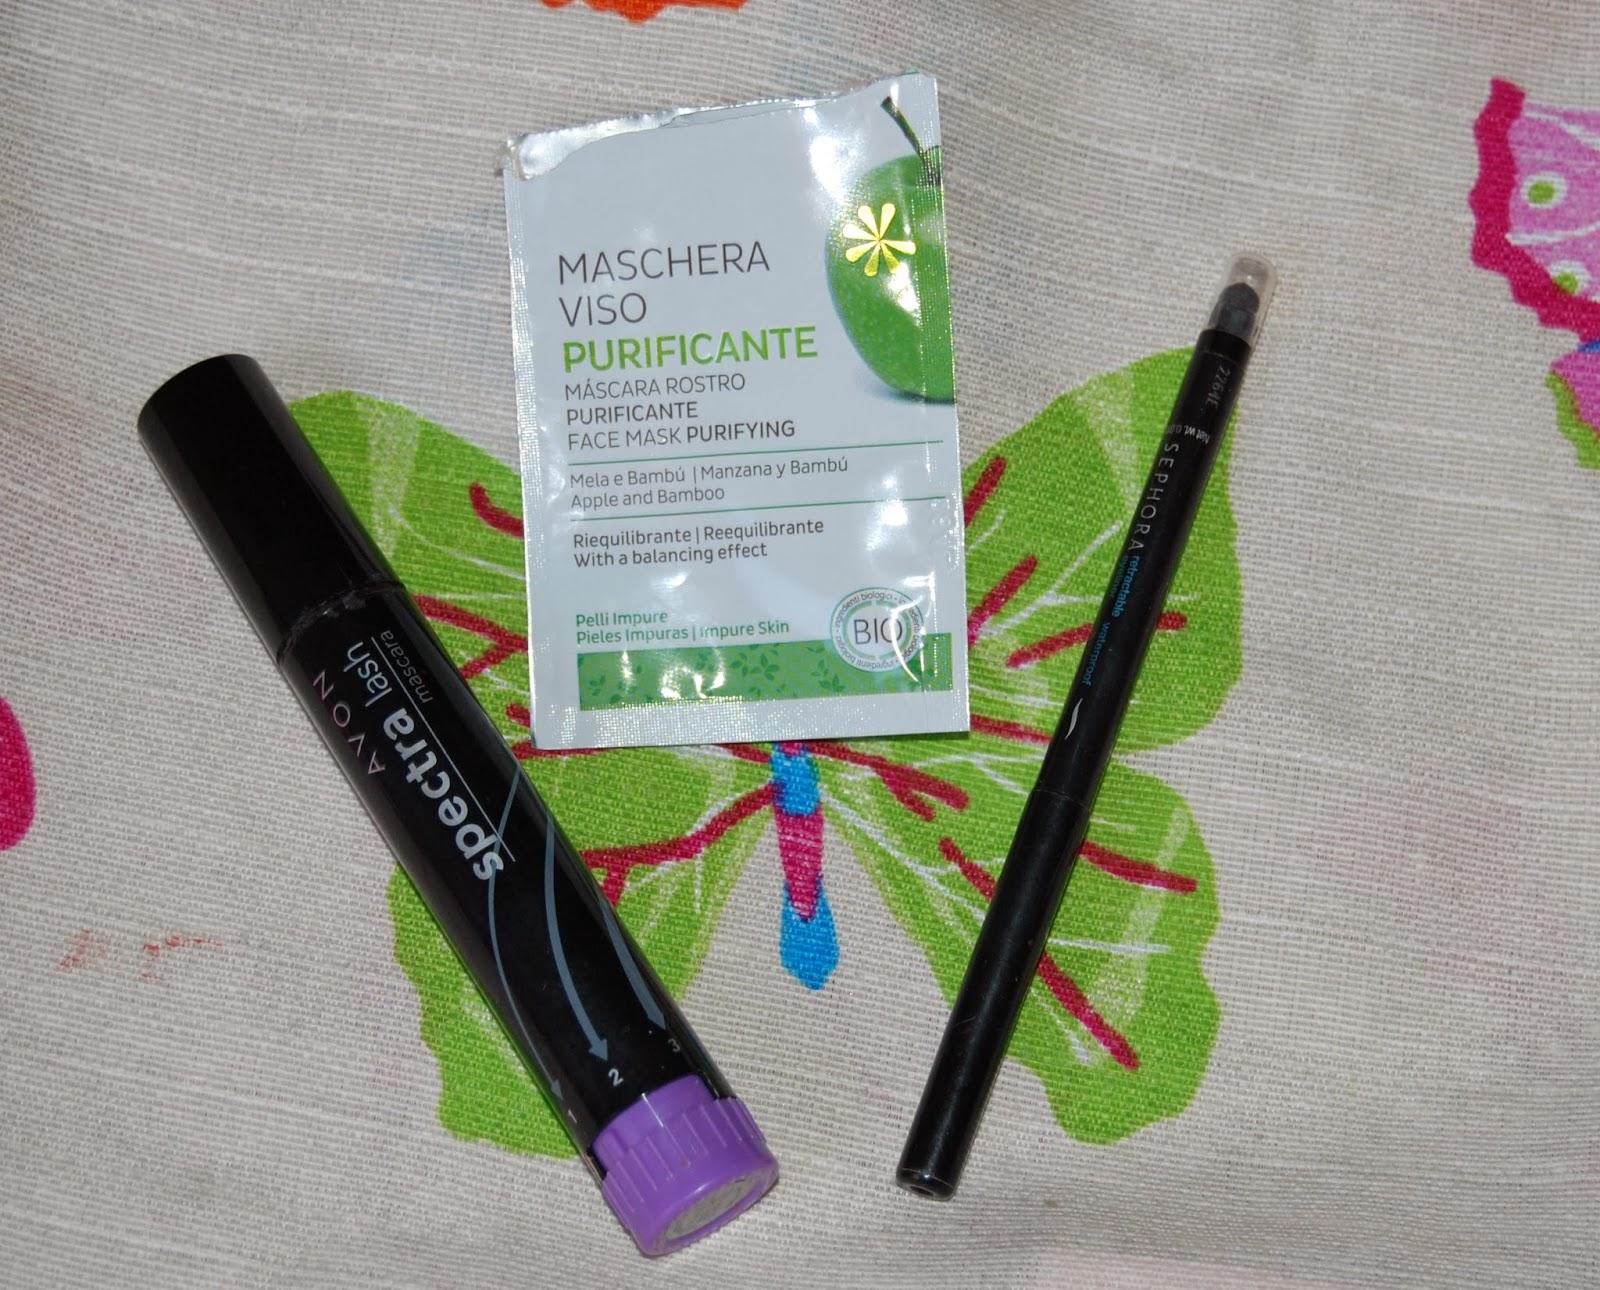 Immagine Avon mascata - Delidea maschera viso - Sephora matita occhi